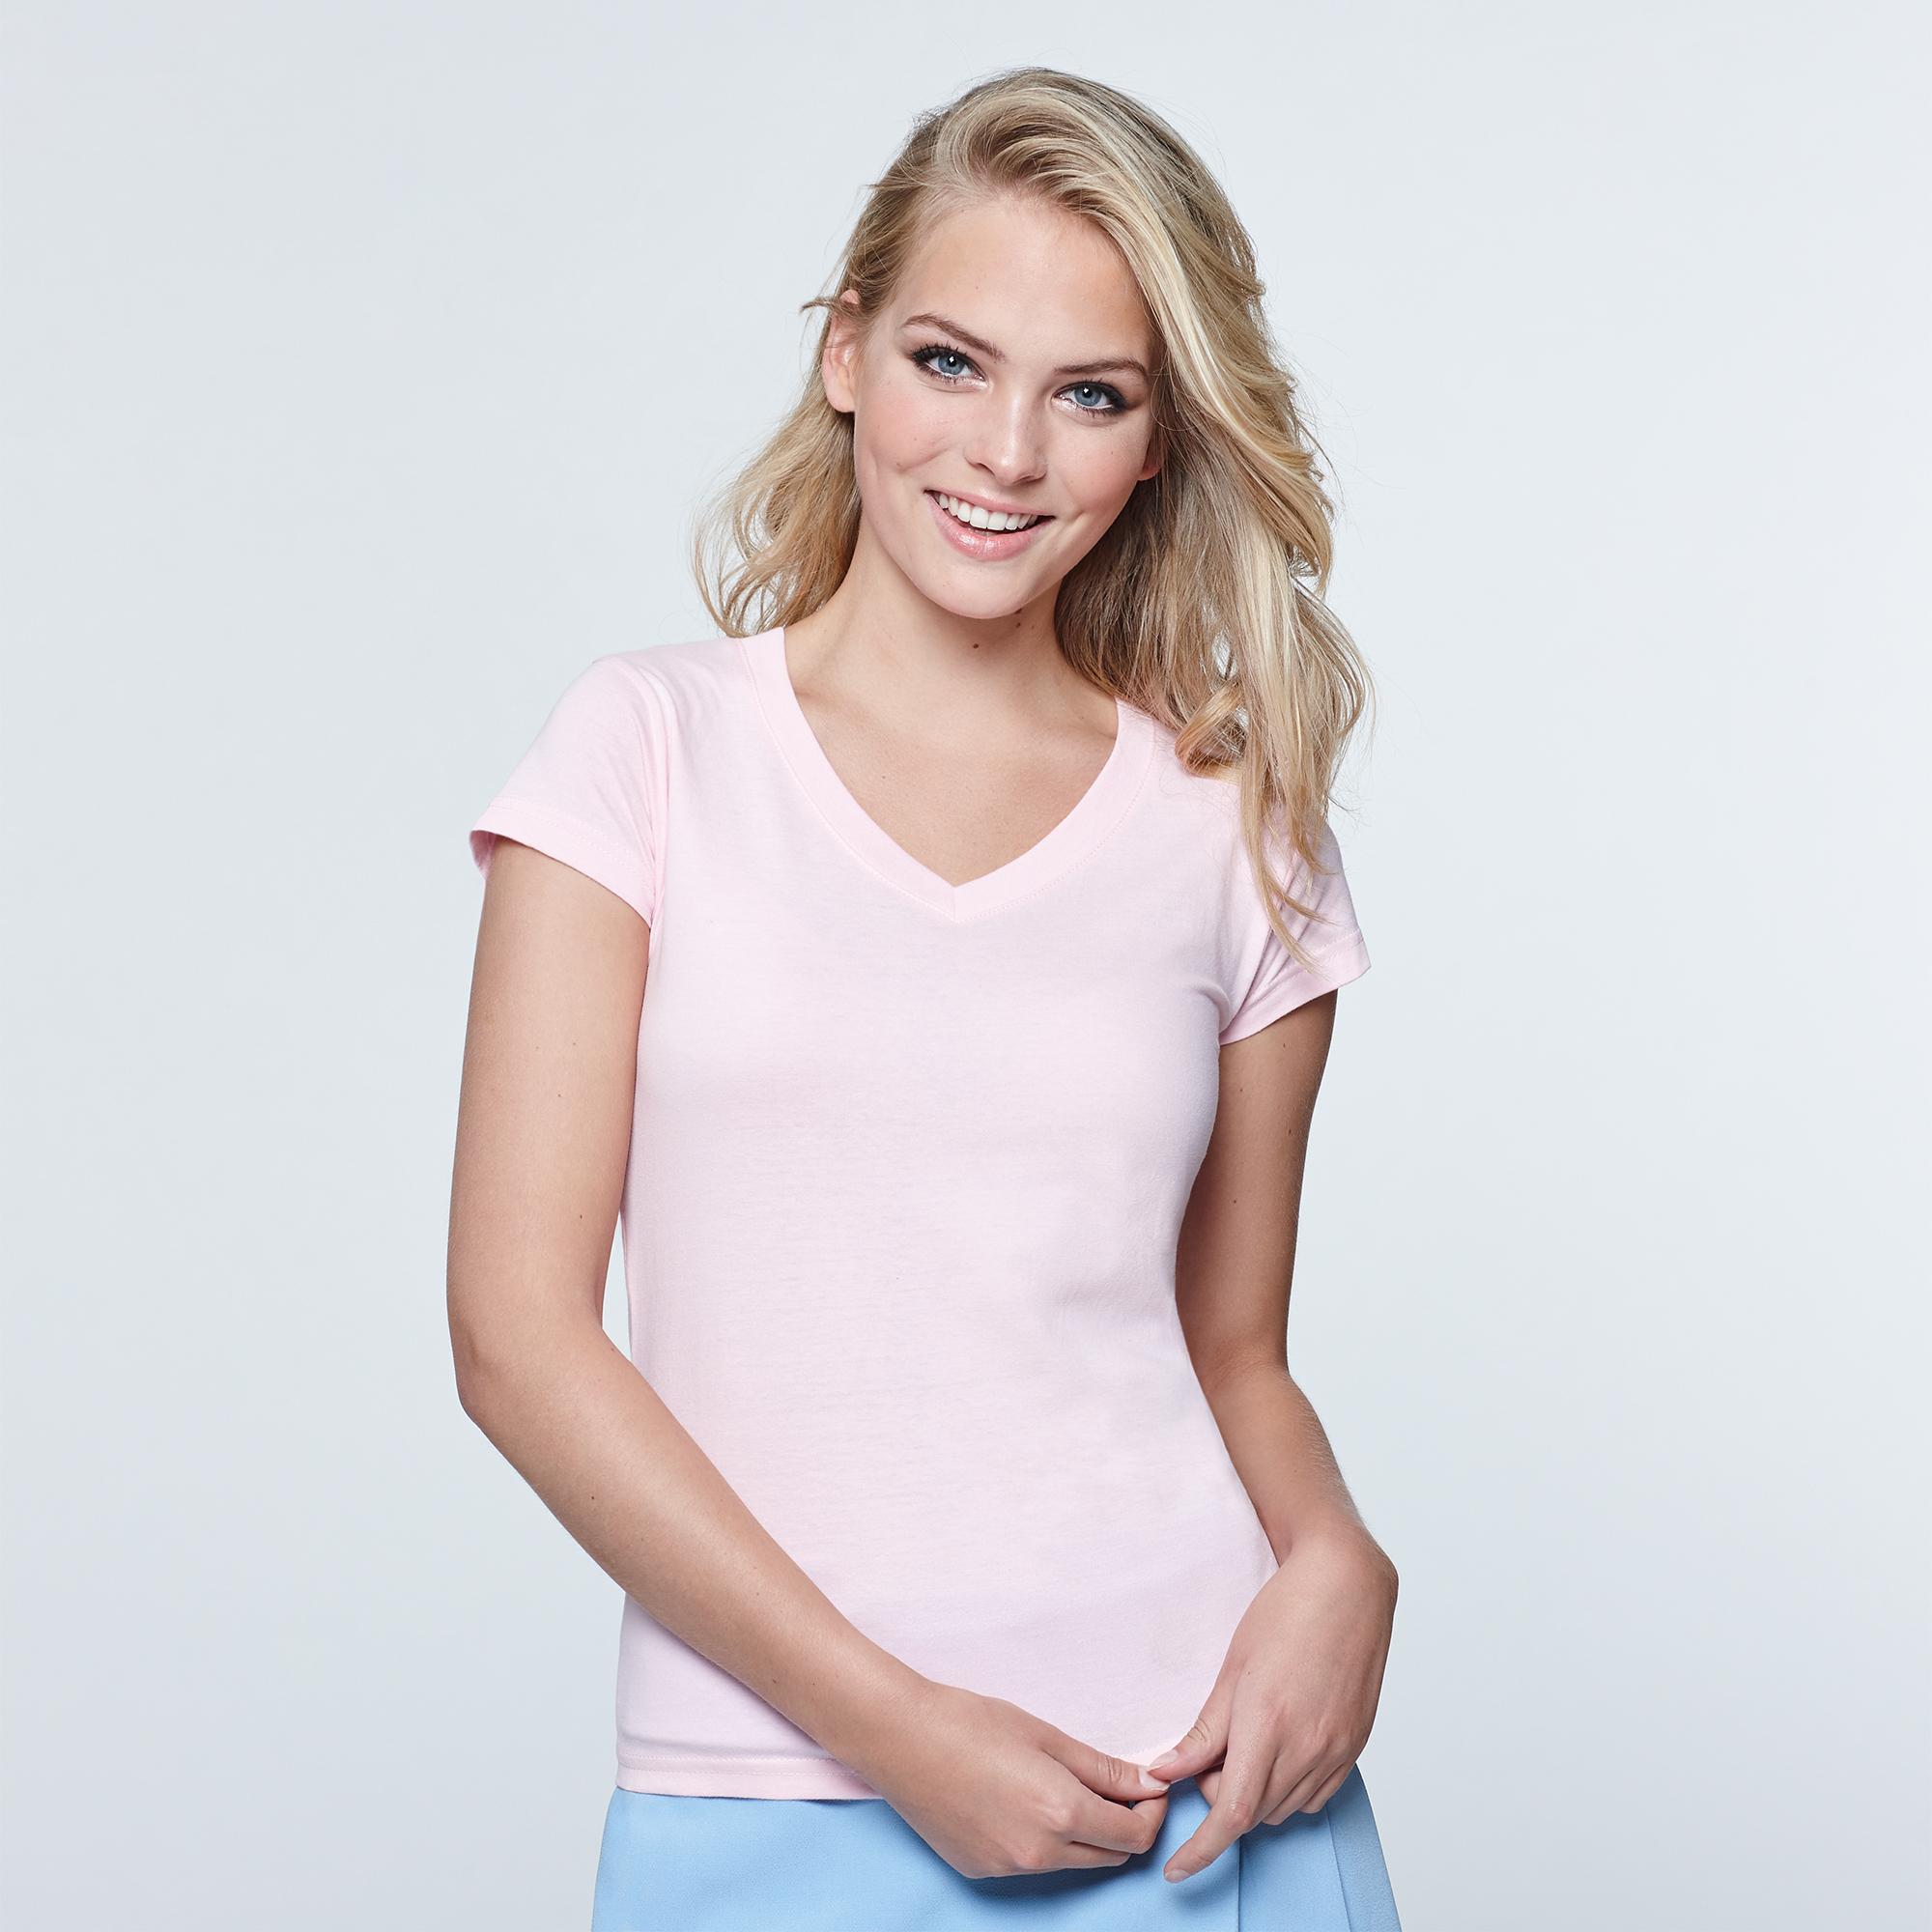 Victoriaca6646Roly Victoriaca6646Roly Camiseta Promocional Promocional Camiseta Promocional Camiseta SMqzLVGpU